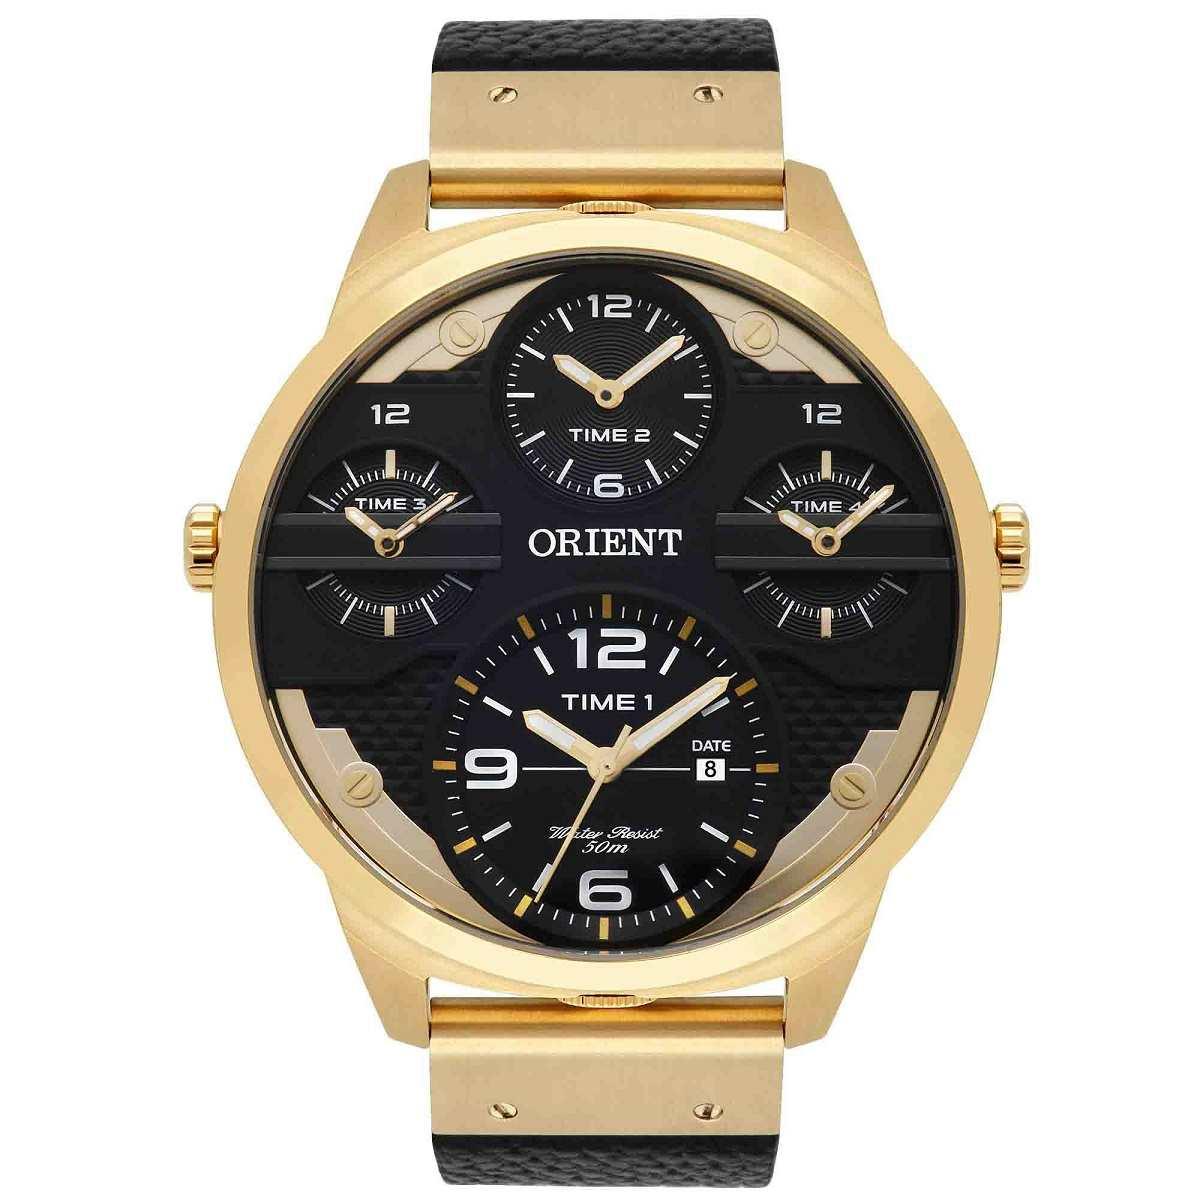 Relógio Orient Masculino Cronógrafo Dourado Pulseira De Couro Preto MGSCT001 P2PX